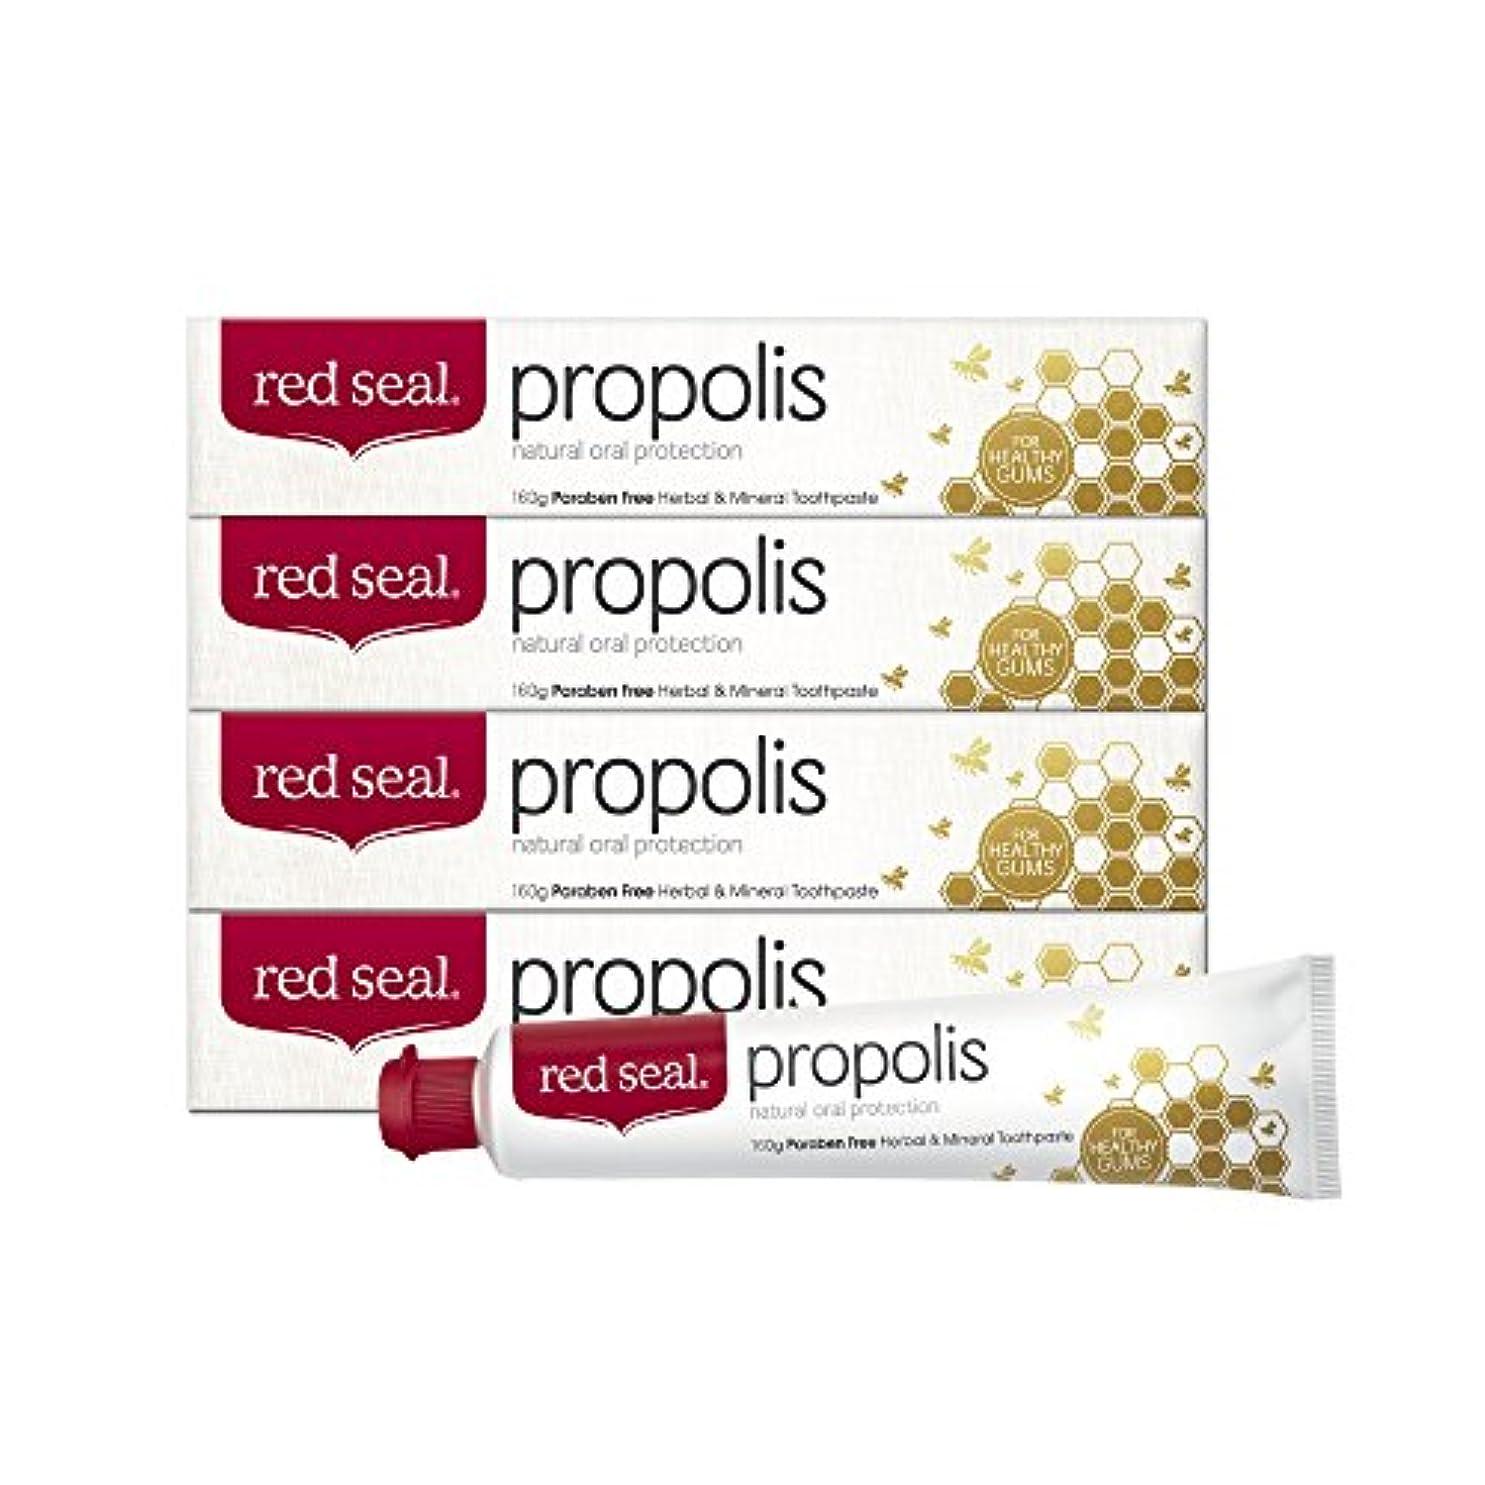 医薬品スリップシューズ活気づけるred seal レッドシール プロポリス 歯磨き粉 160gの4個セット RED SEAL Propolis Toothpaste 160g x 4set [日本正式輸入品]